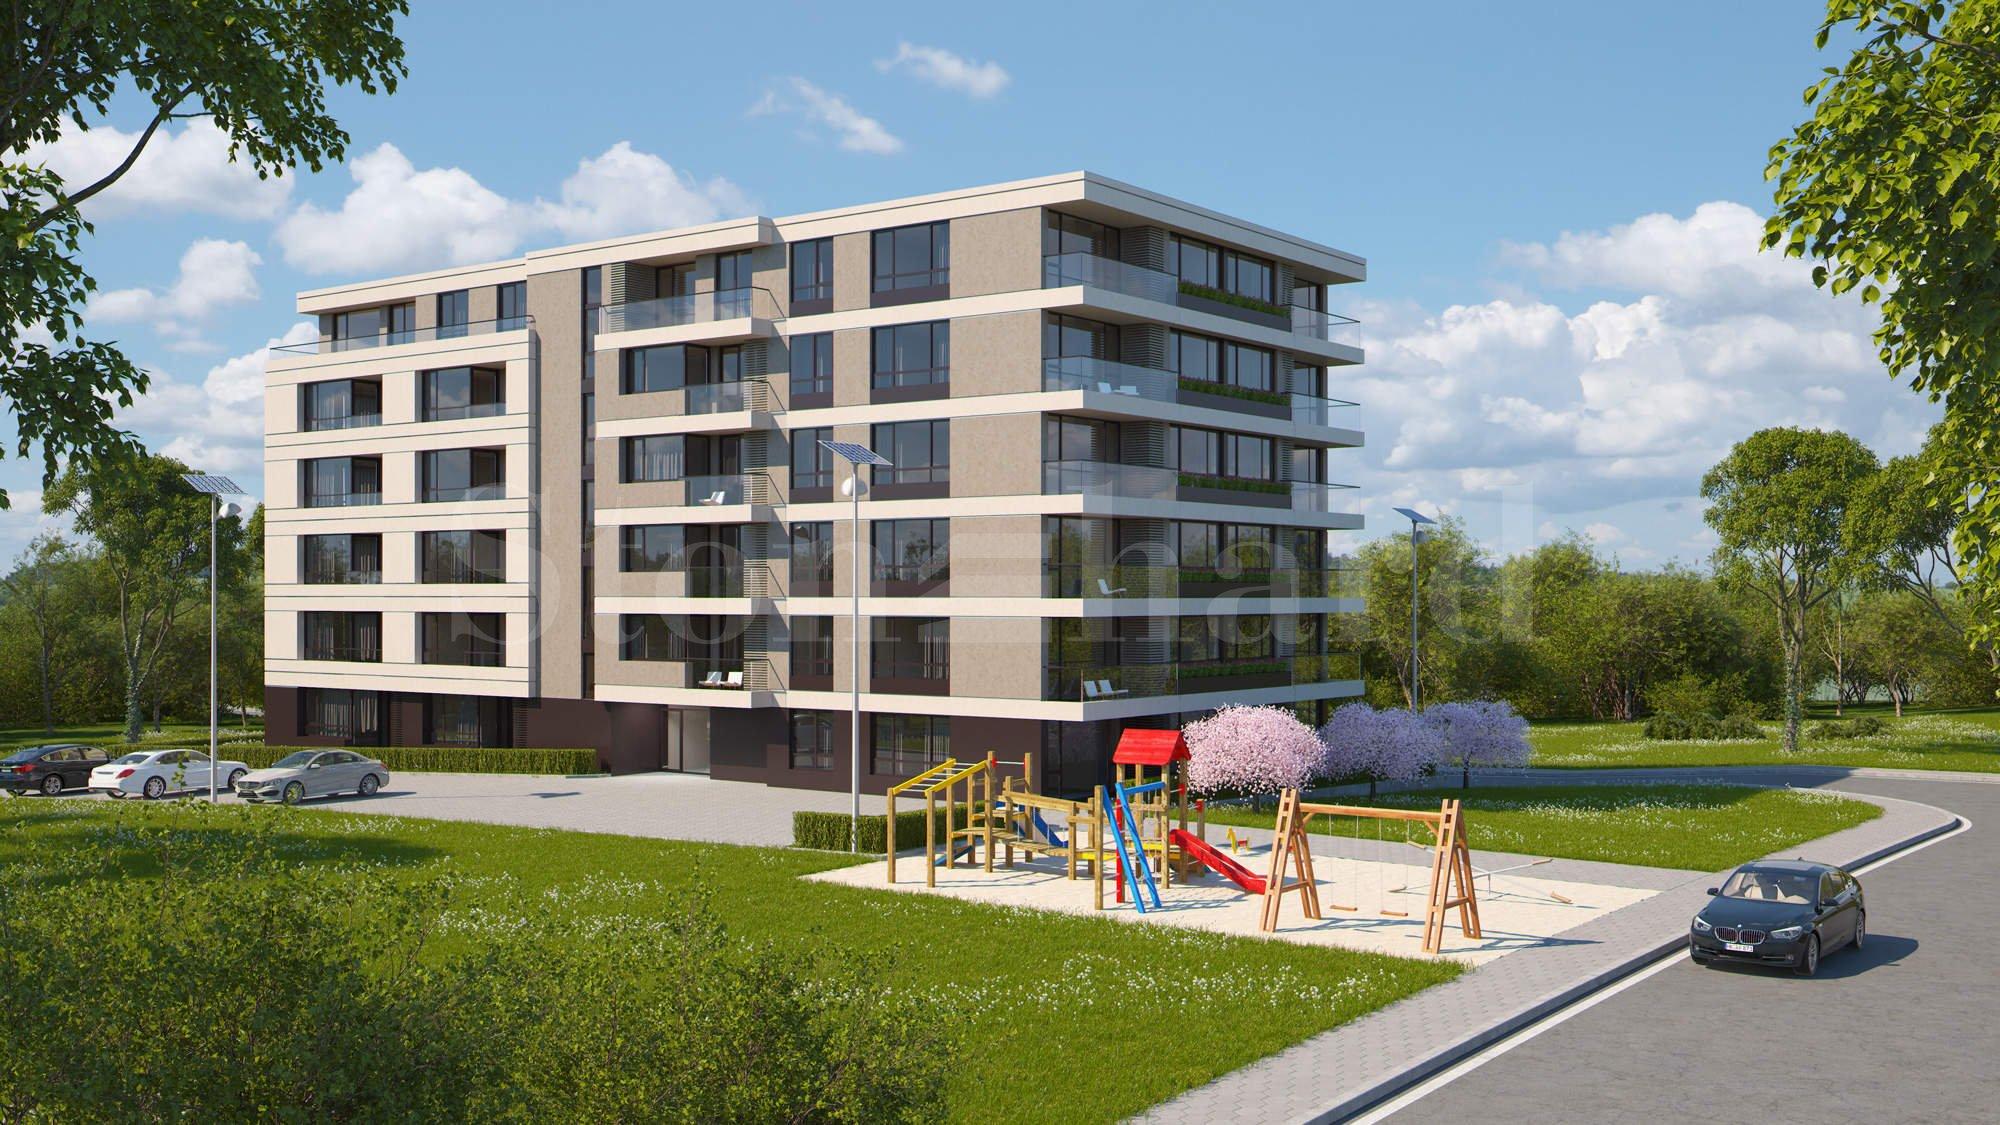 Нова жилищна сграда с апартаменти и подземни гаражи в кв. Малинова долина1 - Stonehard